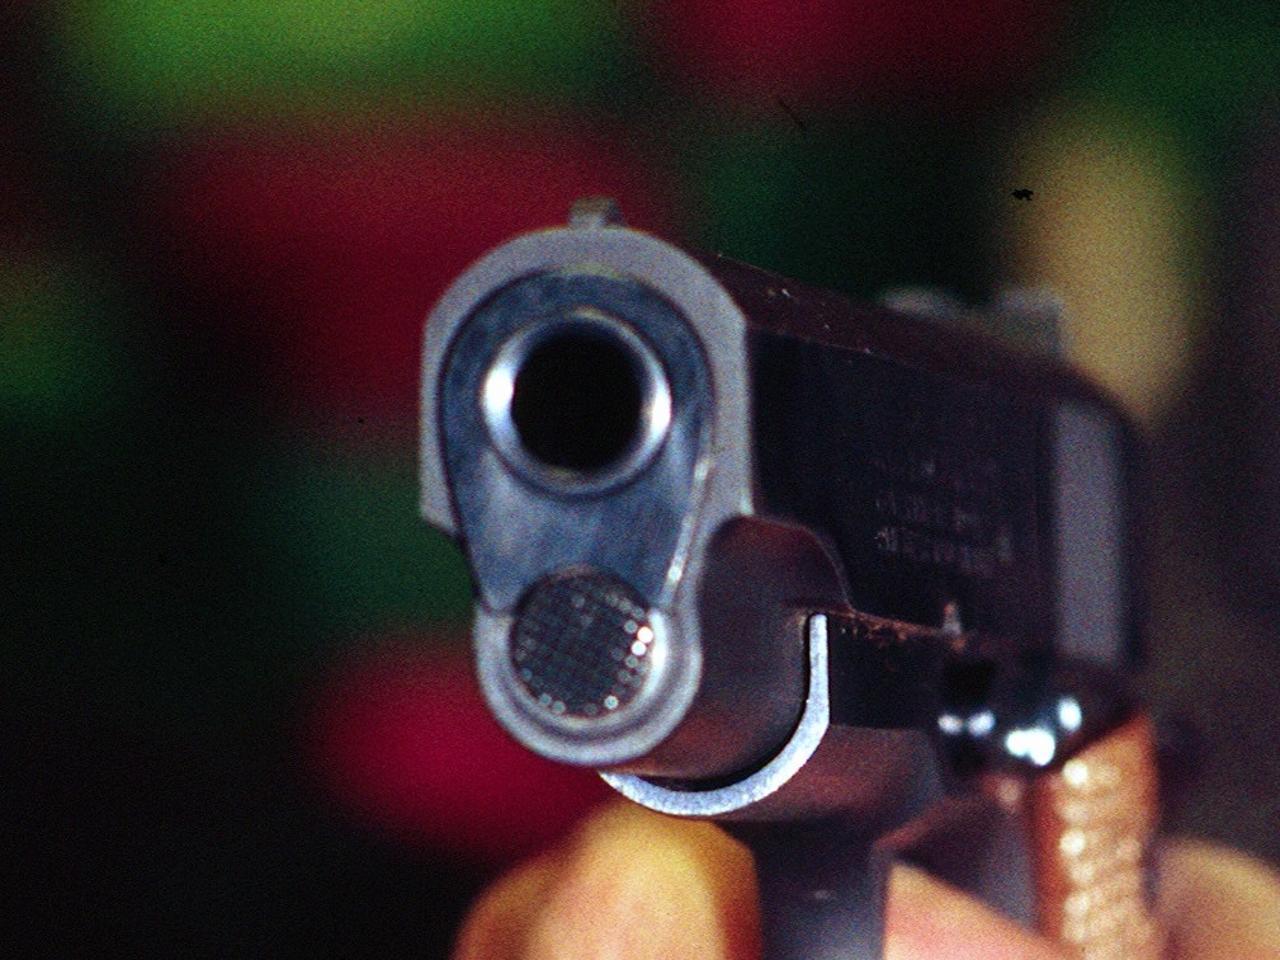 'Vediamo se il giubbotto antiproiettile è ok', il cugino gli spara e lo uccide